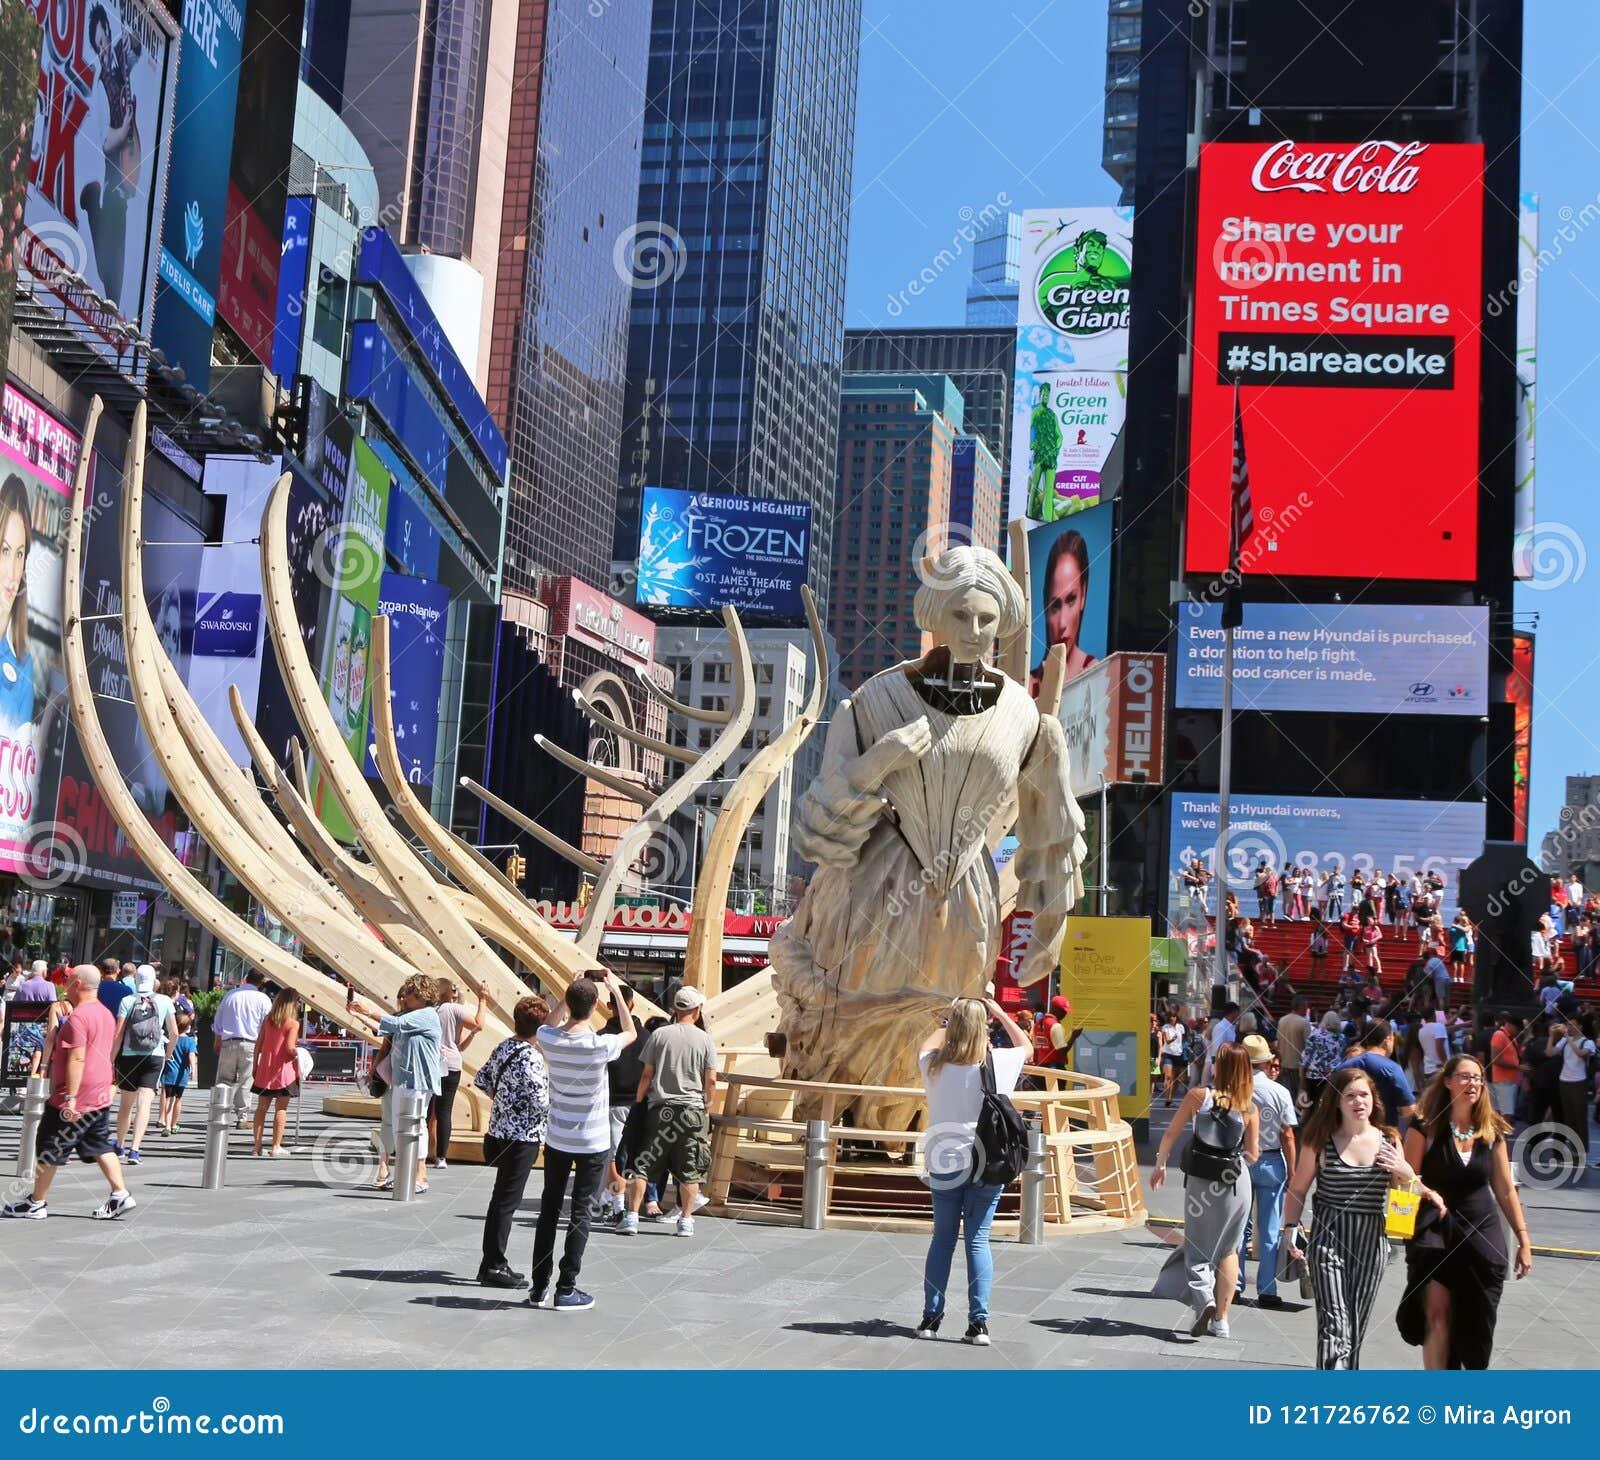 Kielzog in Times Square